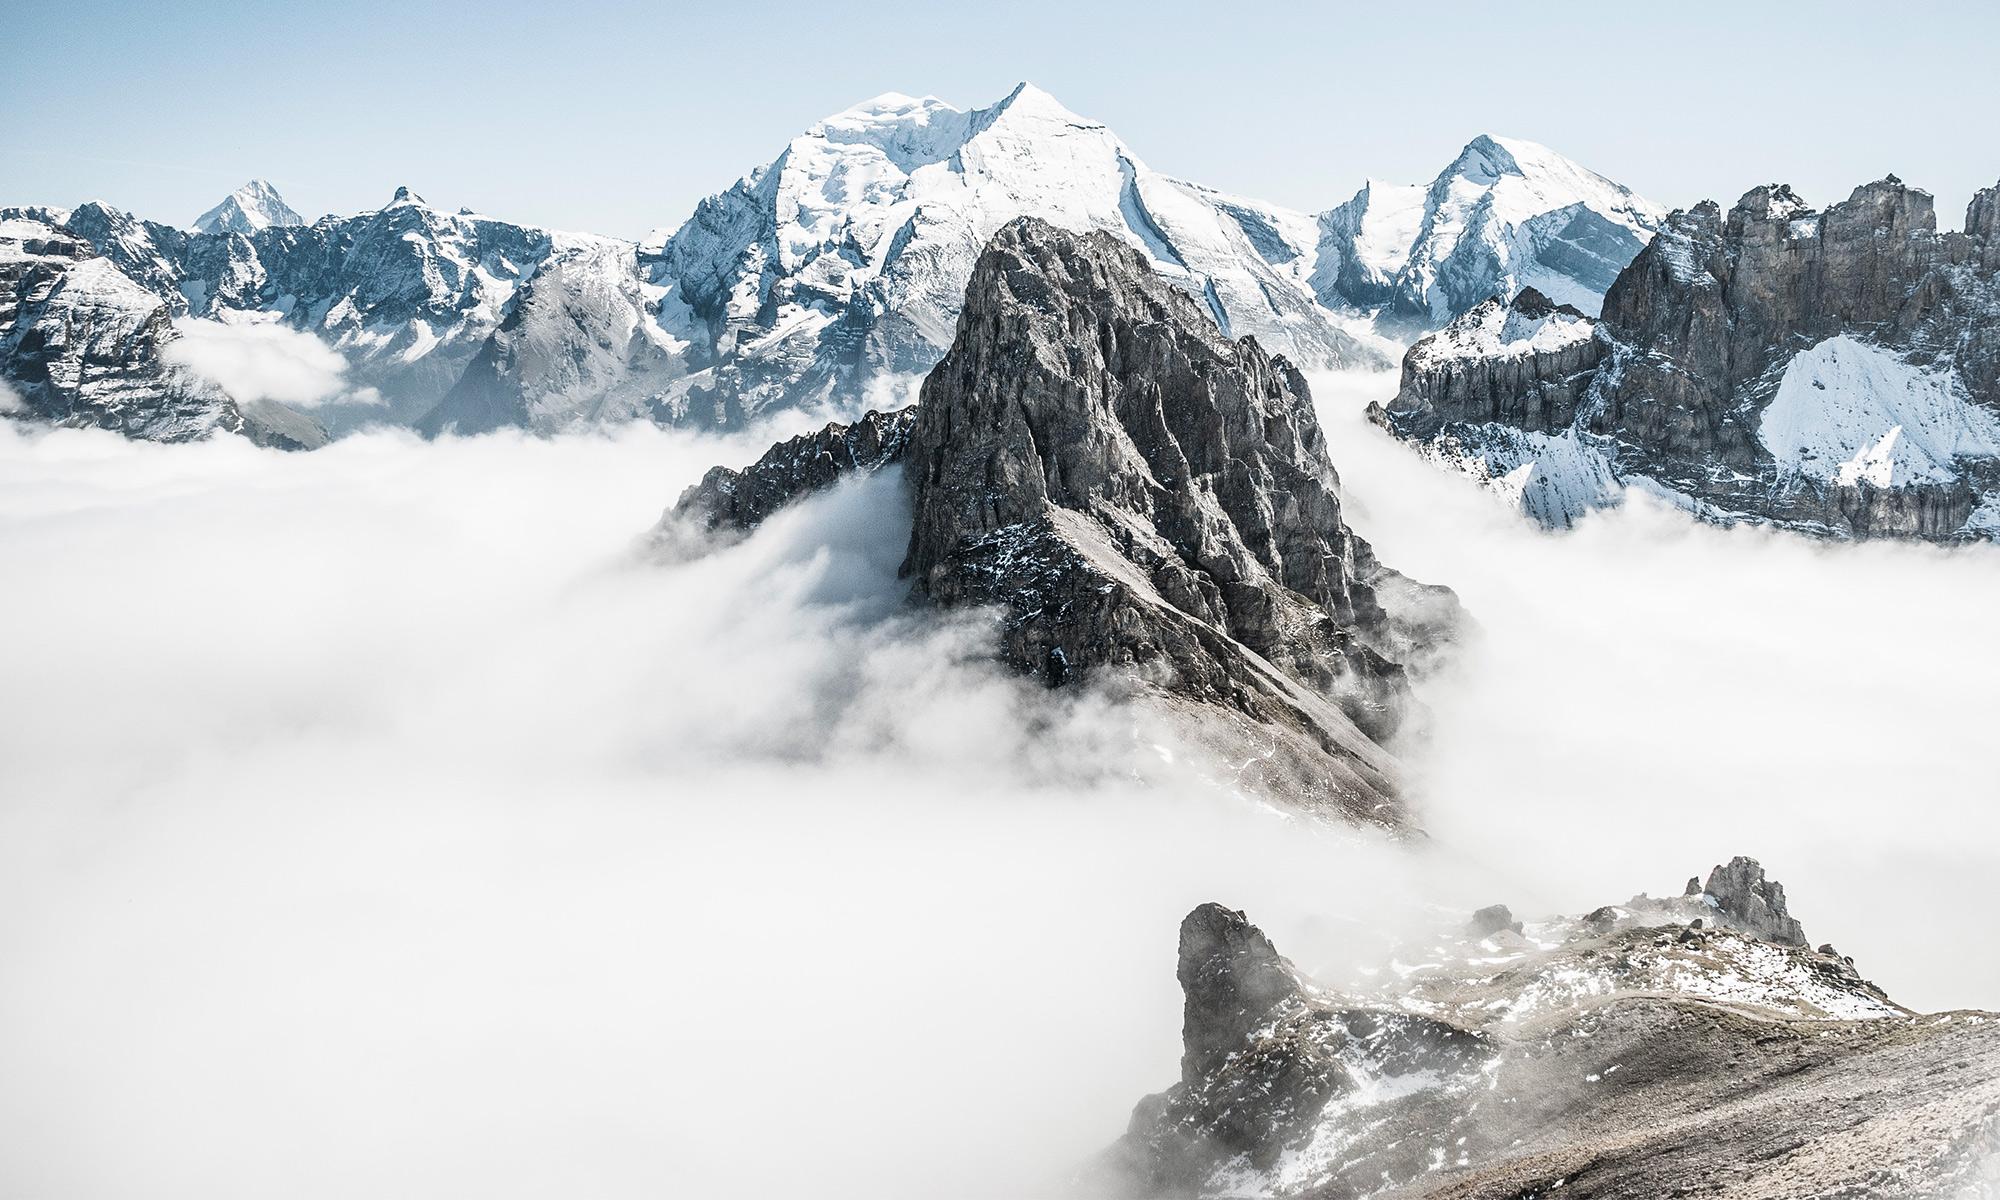 Montagnes au dessus des nuages